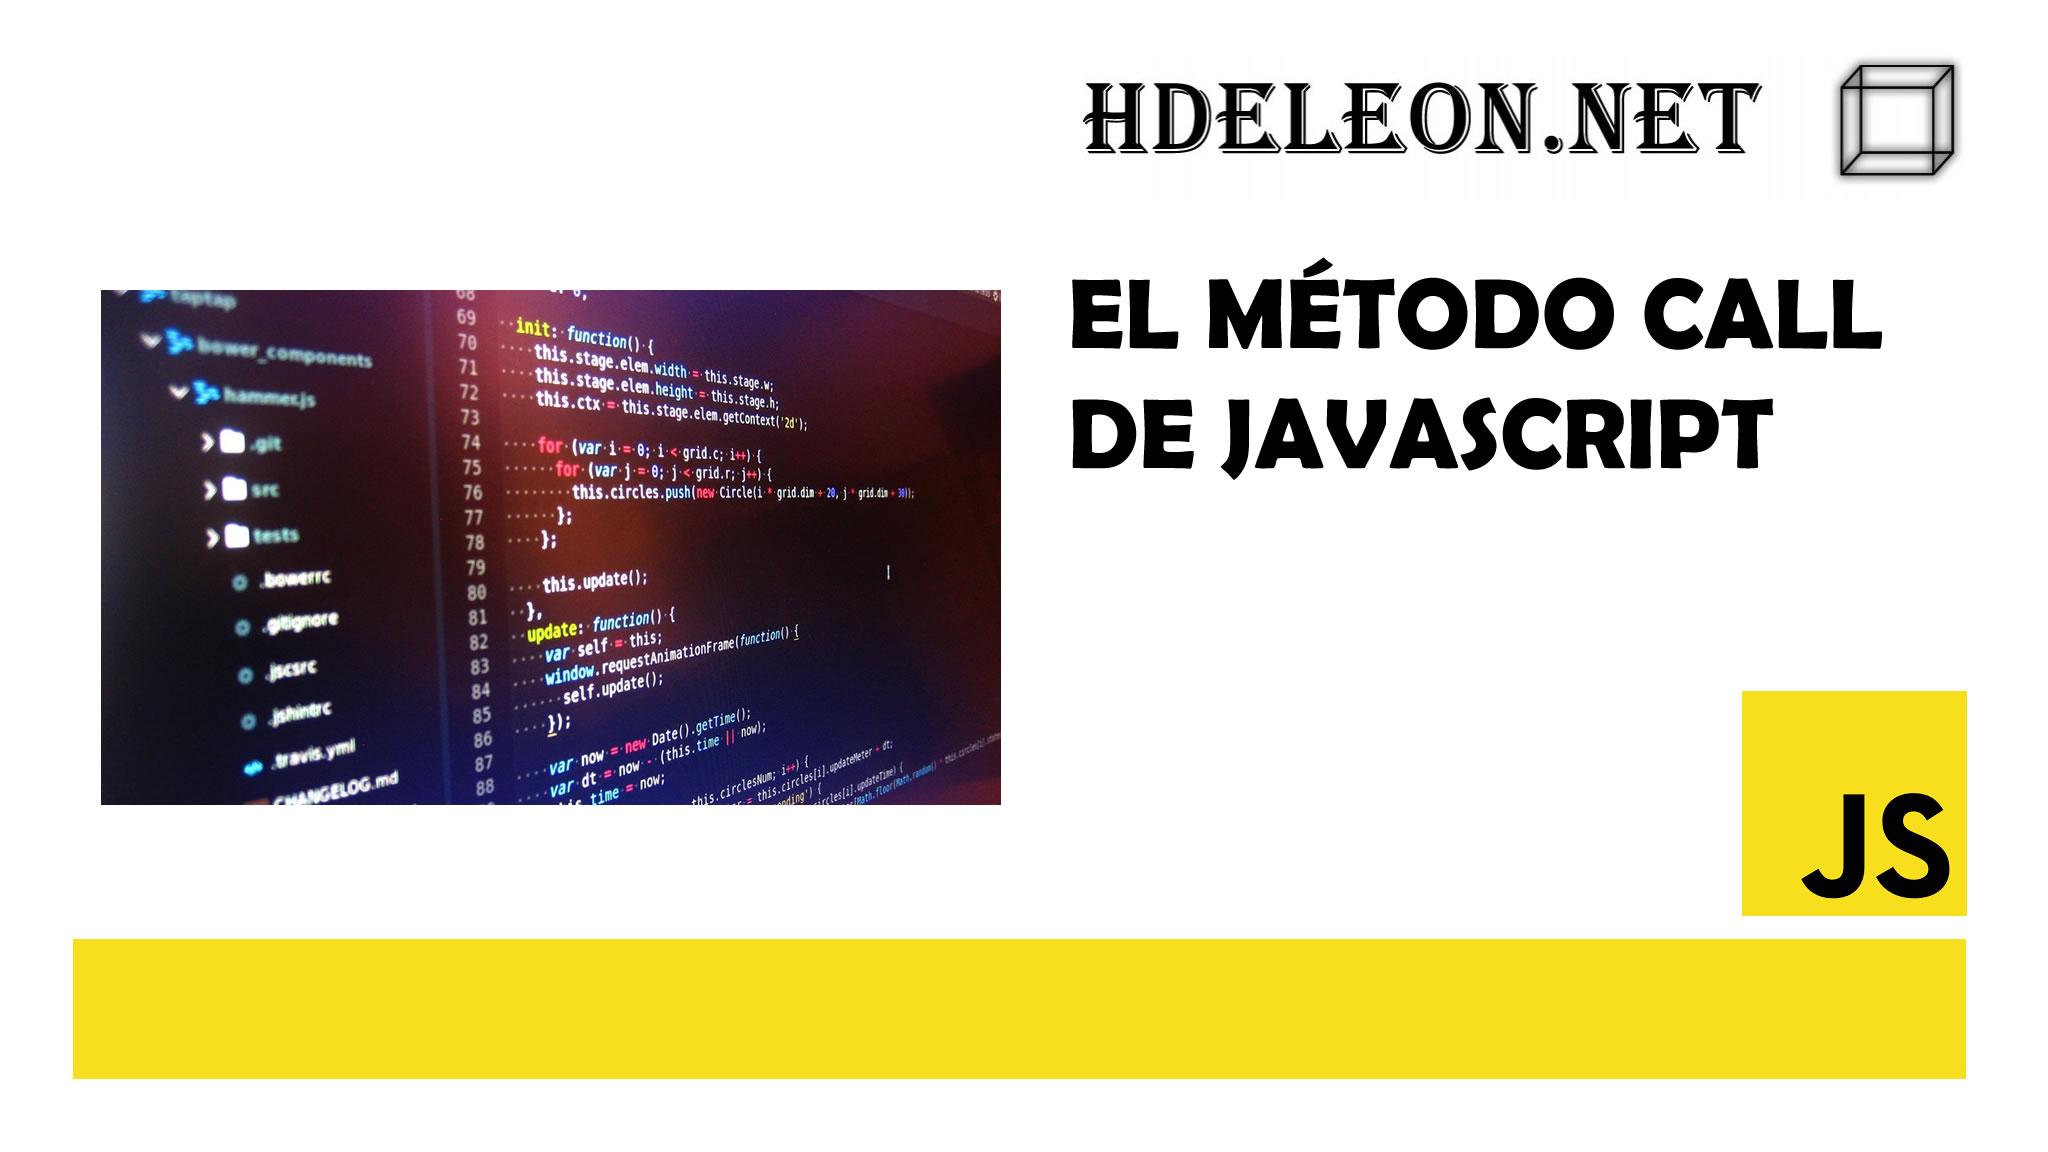 El método call de javascript, Invocar métodos de objetos terceros, #js